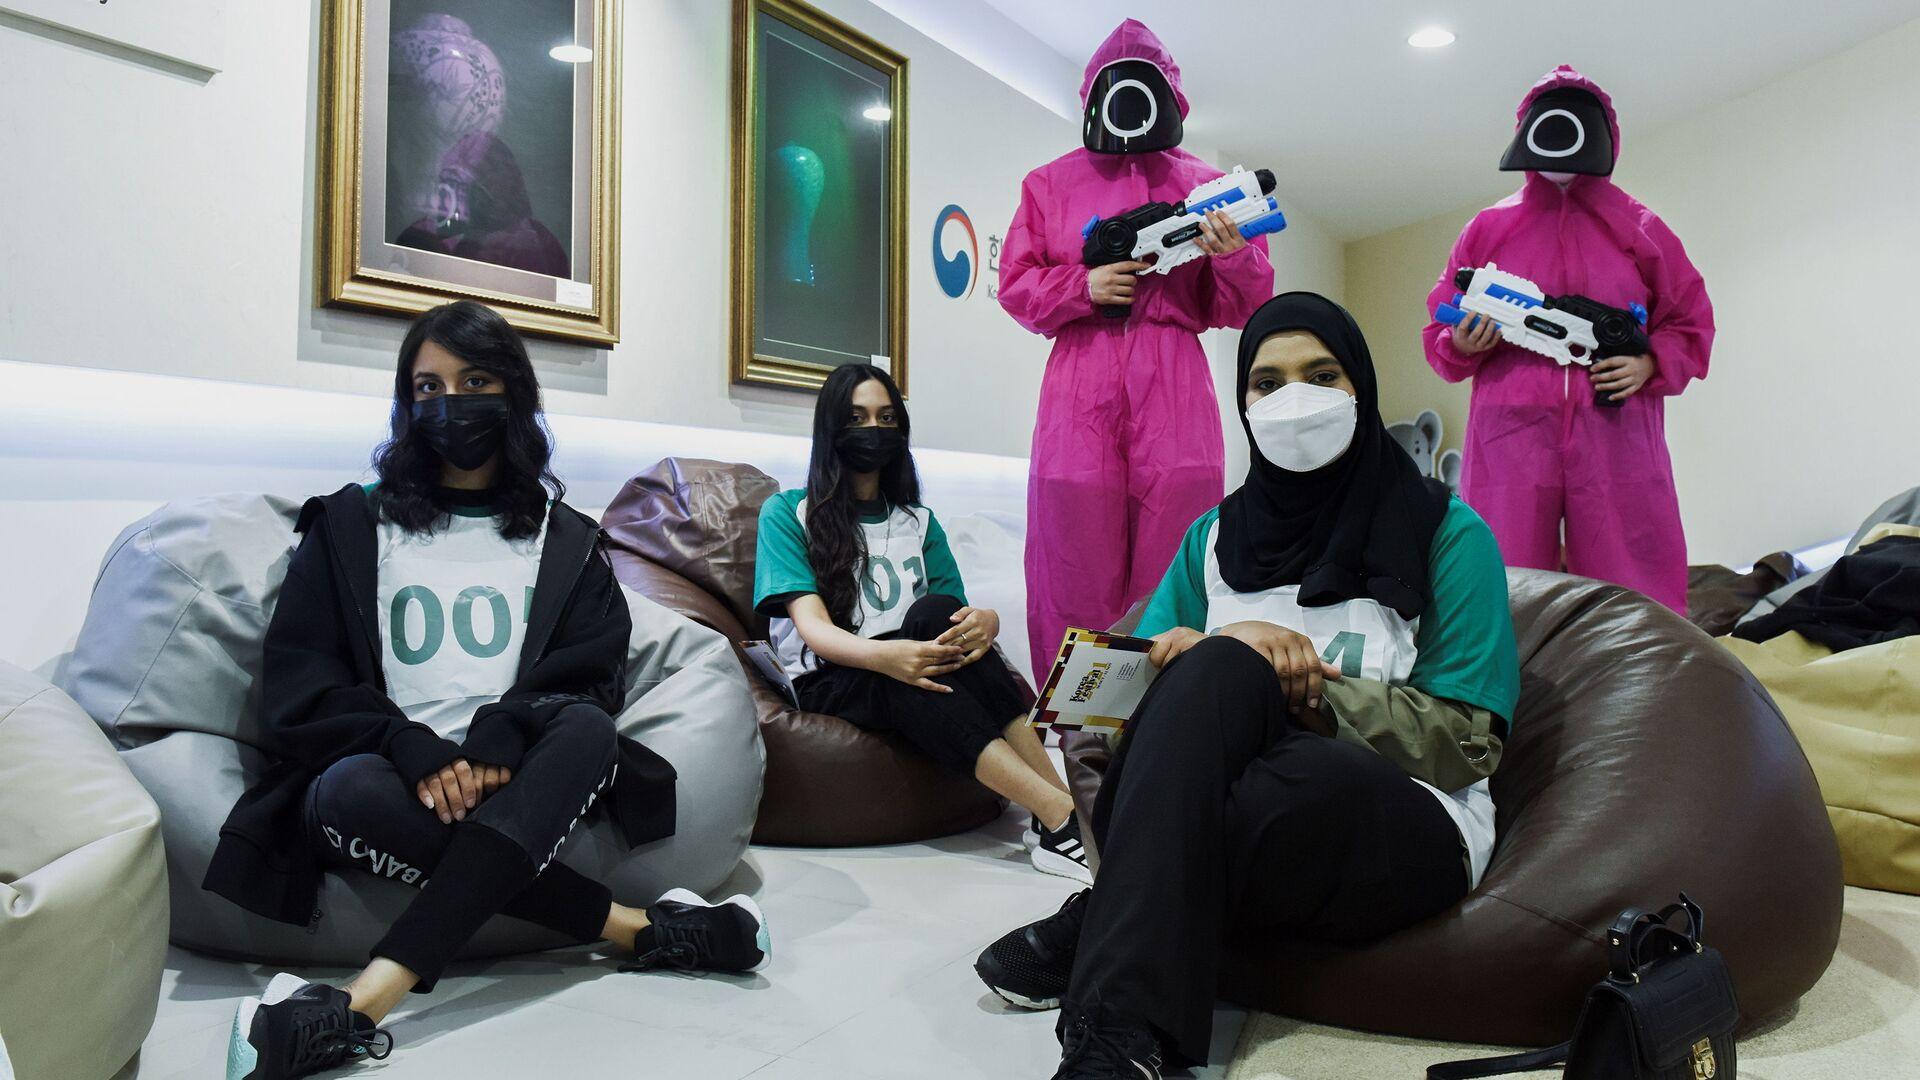 Участники «Игры в кальмара» в Корейском культурном центре в Абу-Даби, ОАЭ - Sputnik Ελλάδα, 1920, 14.10.2021